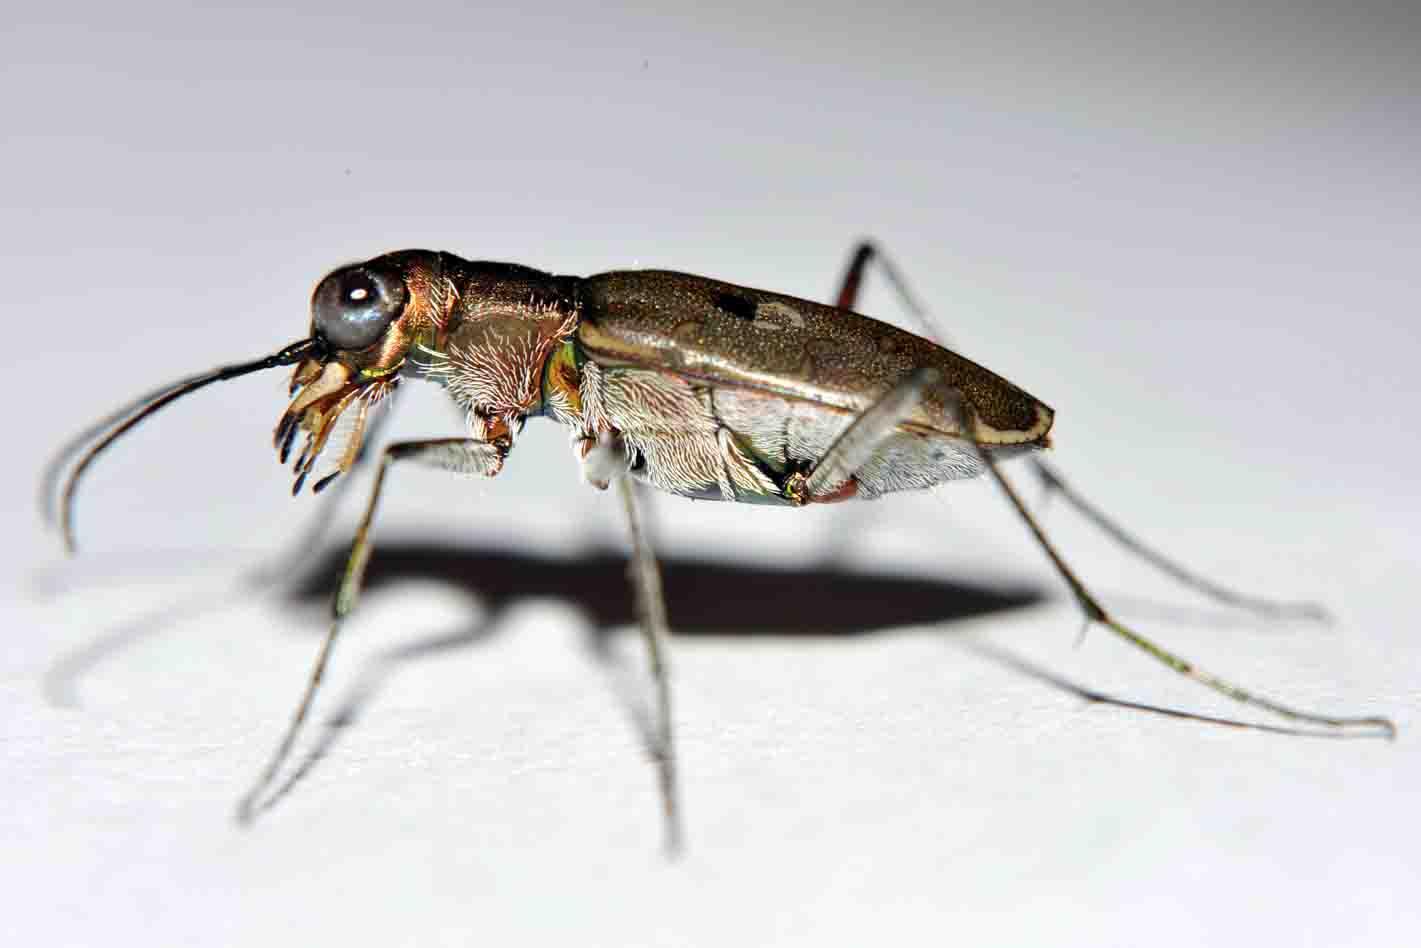 また昆虫の脚_d0163696_1257145.jpg